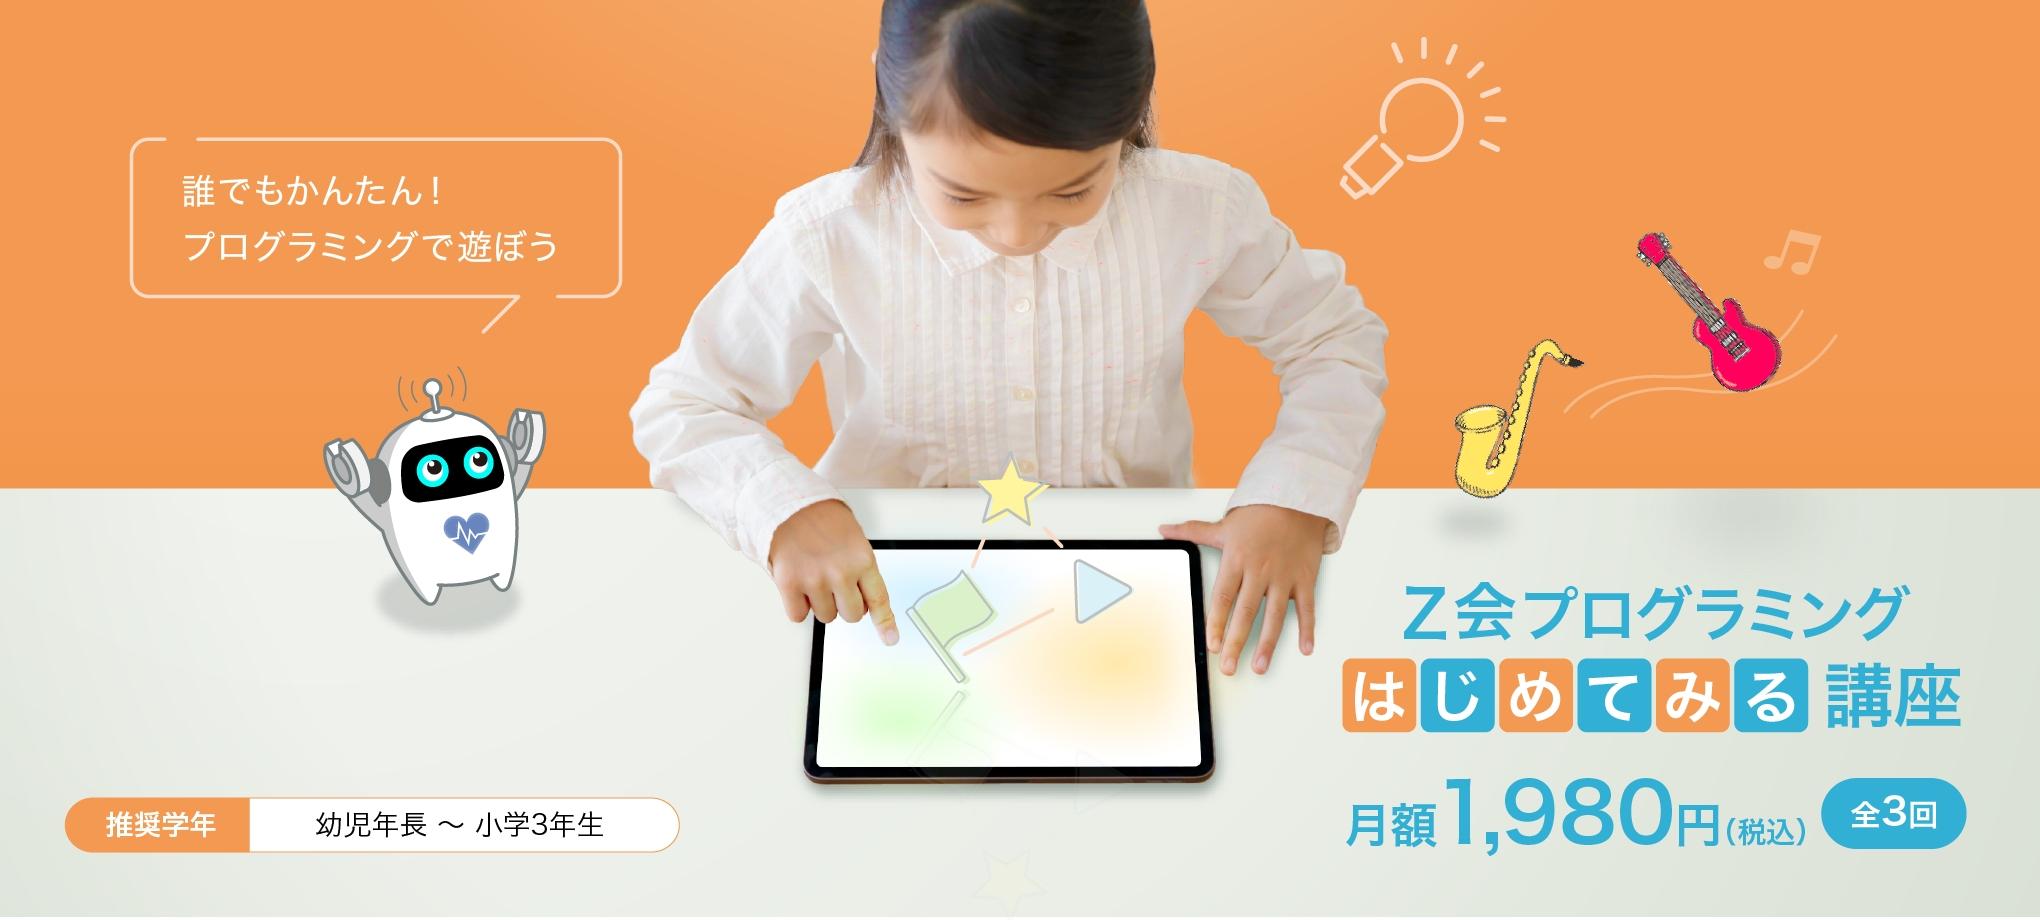 Z会プログラミング初めて見る講座月額1,980円(税込)全3回 推奨学年:幼児年長~小学生